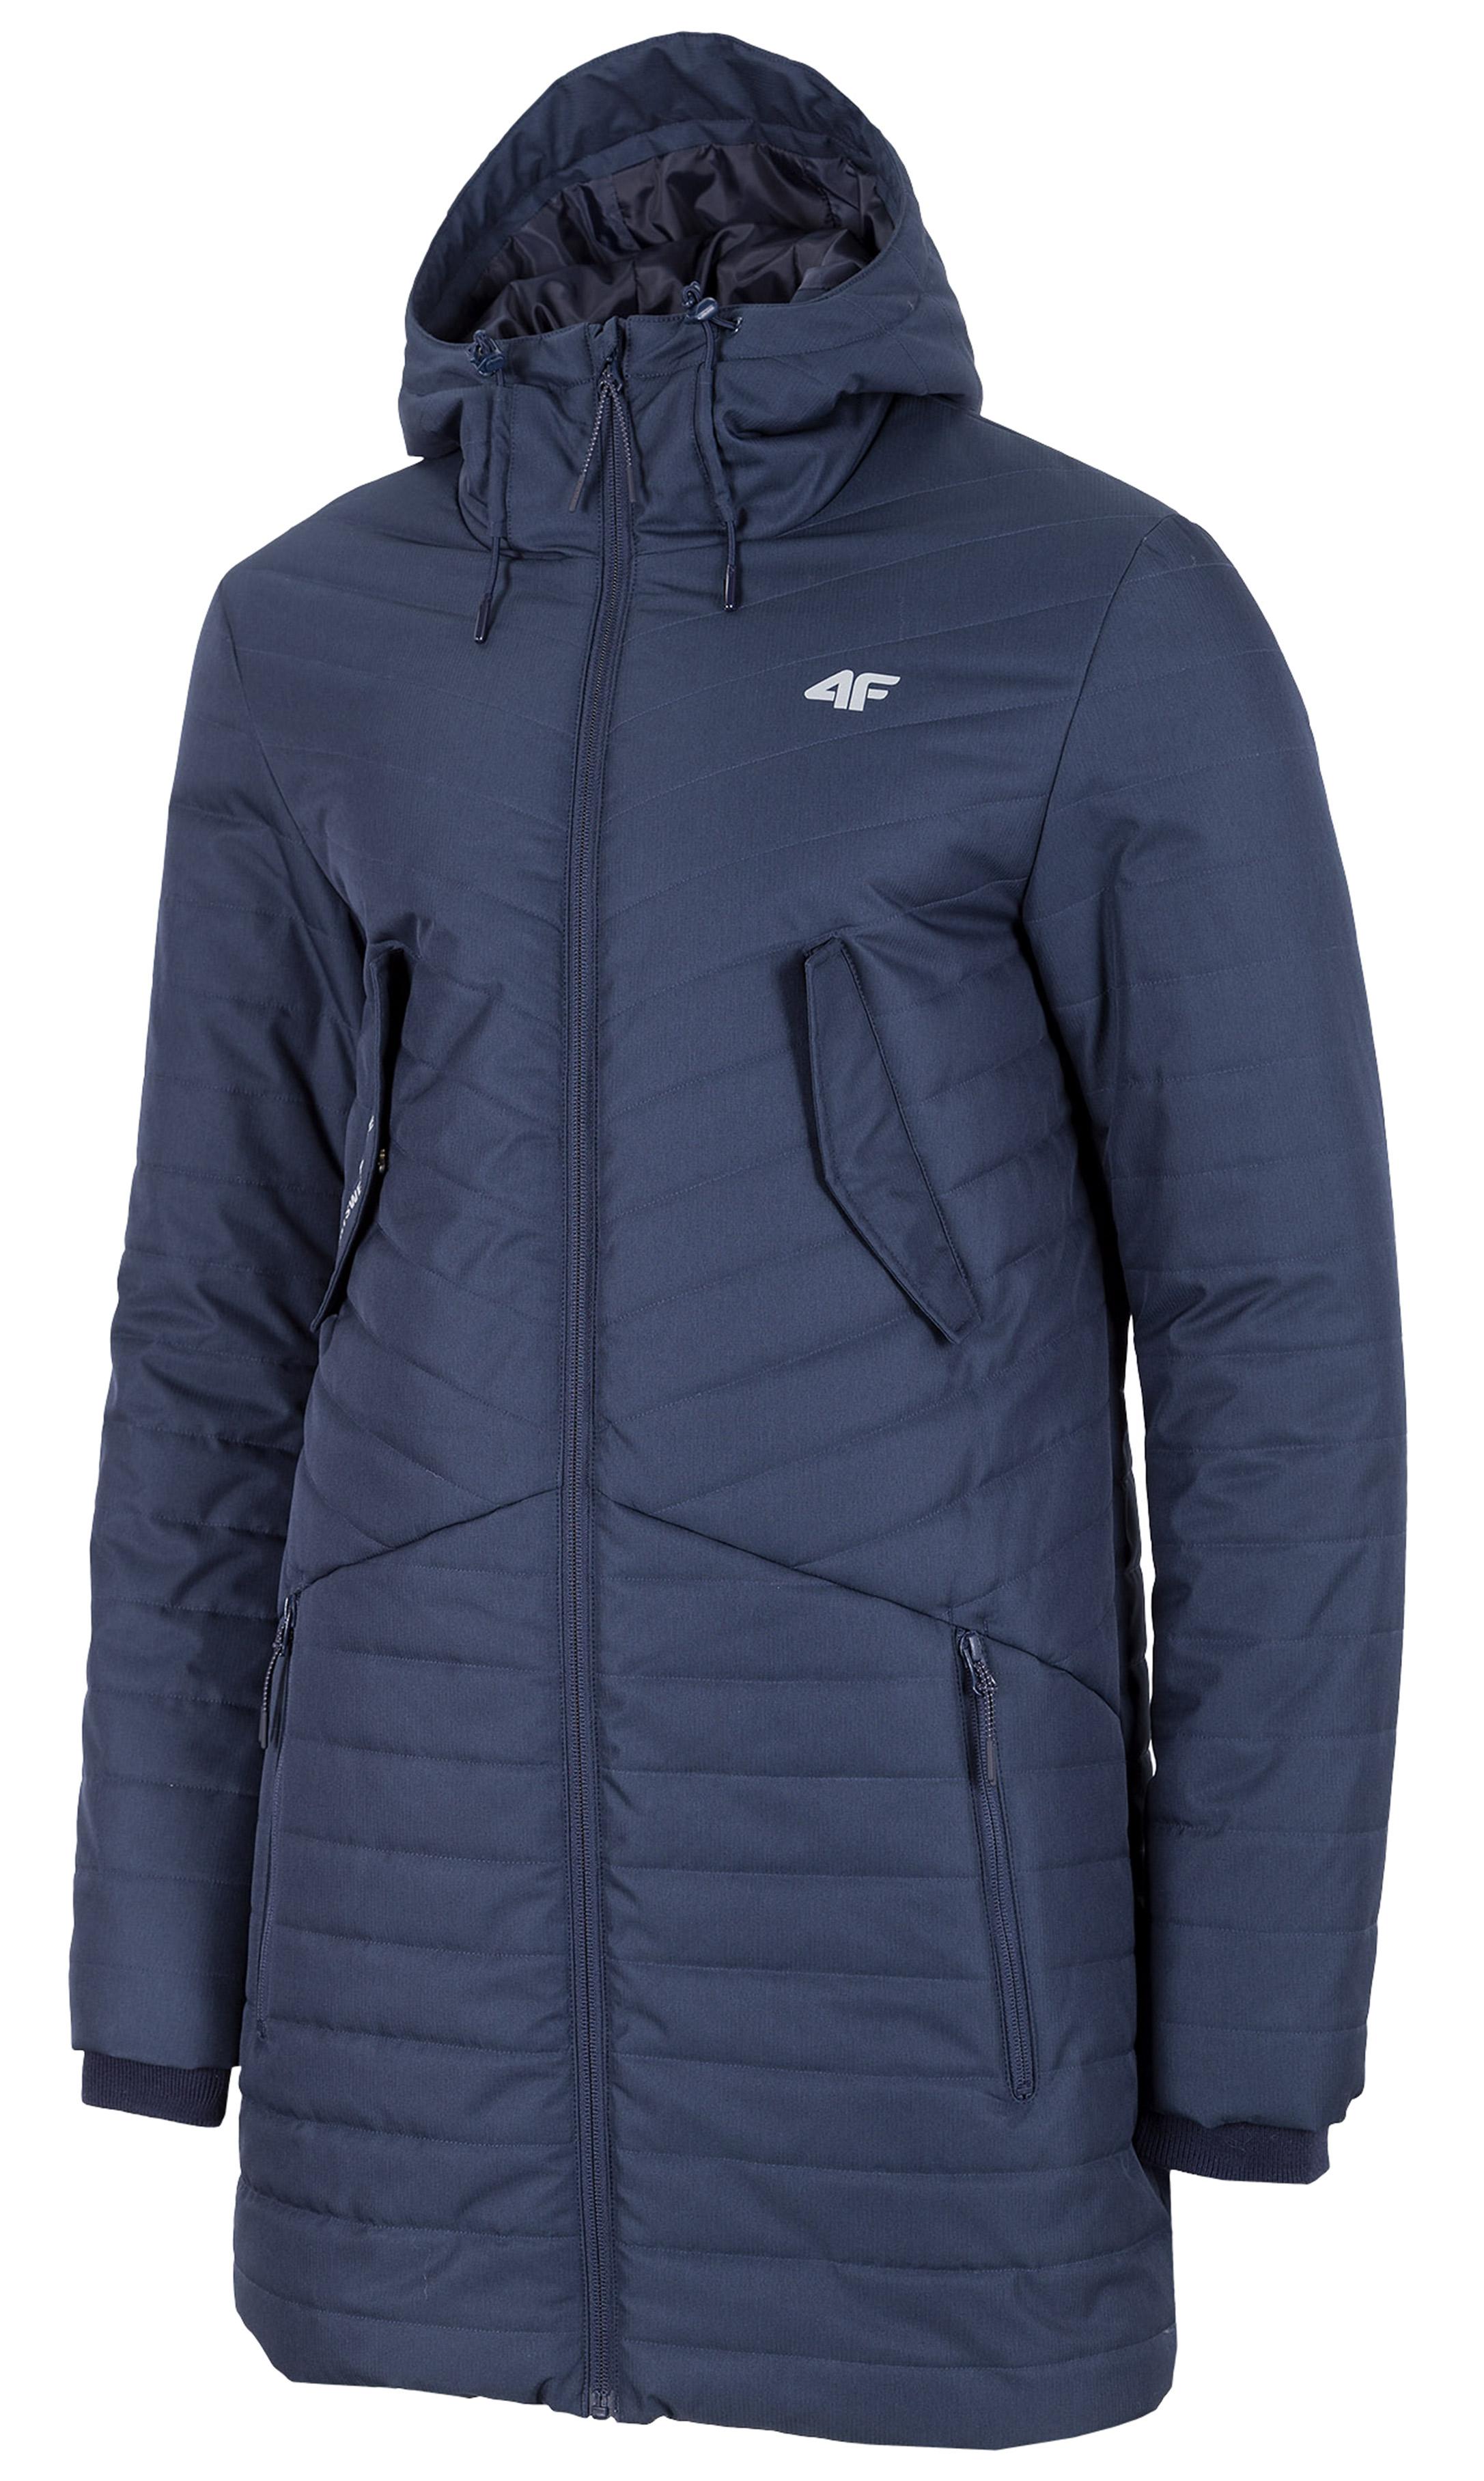 ג'קט ומעיל פור אף לגברים 4F winter jacket - כחול